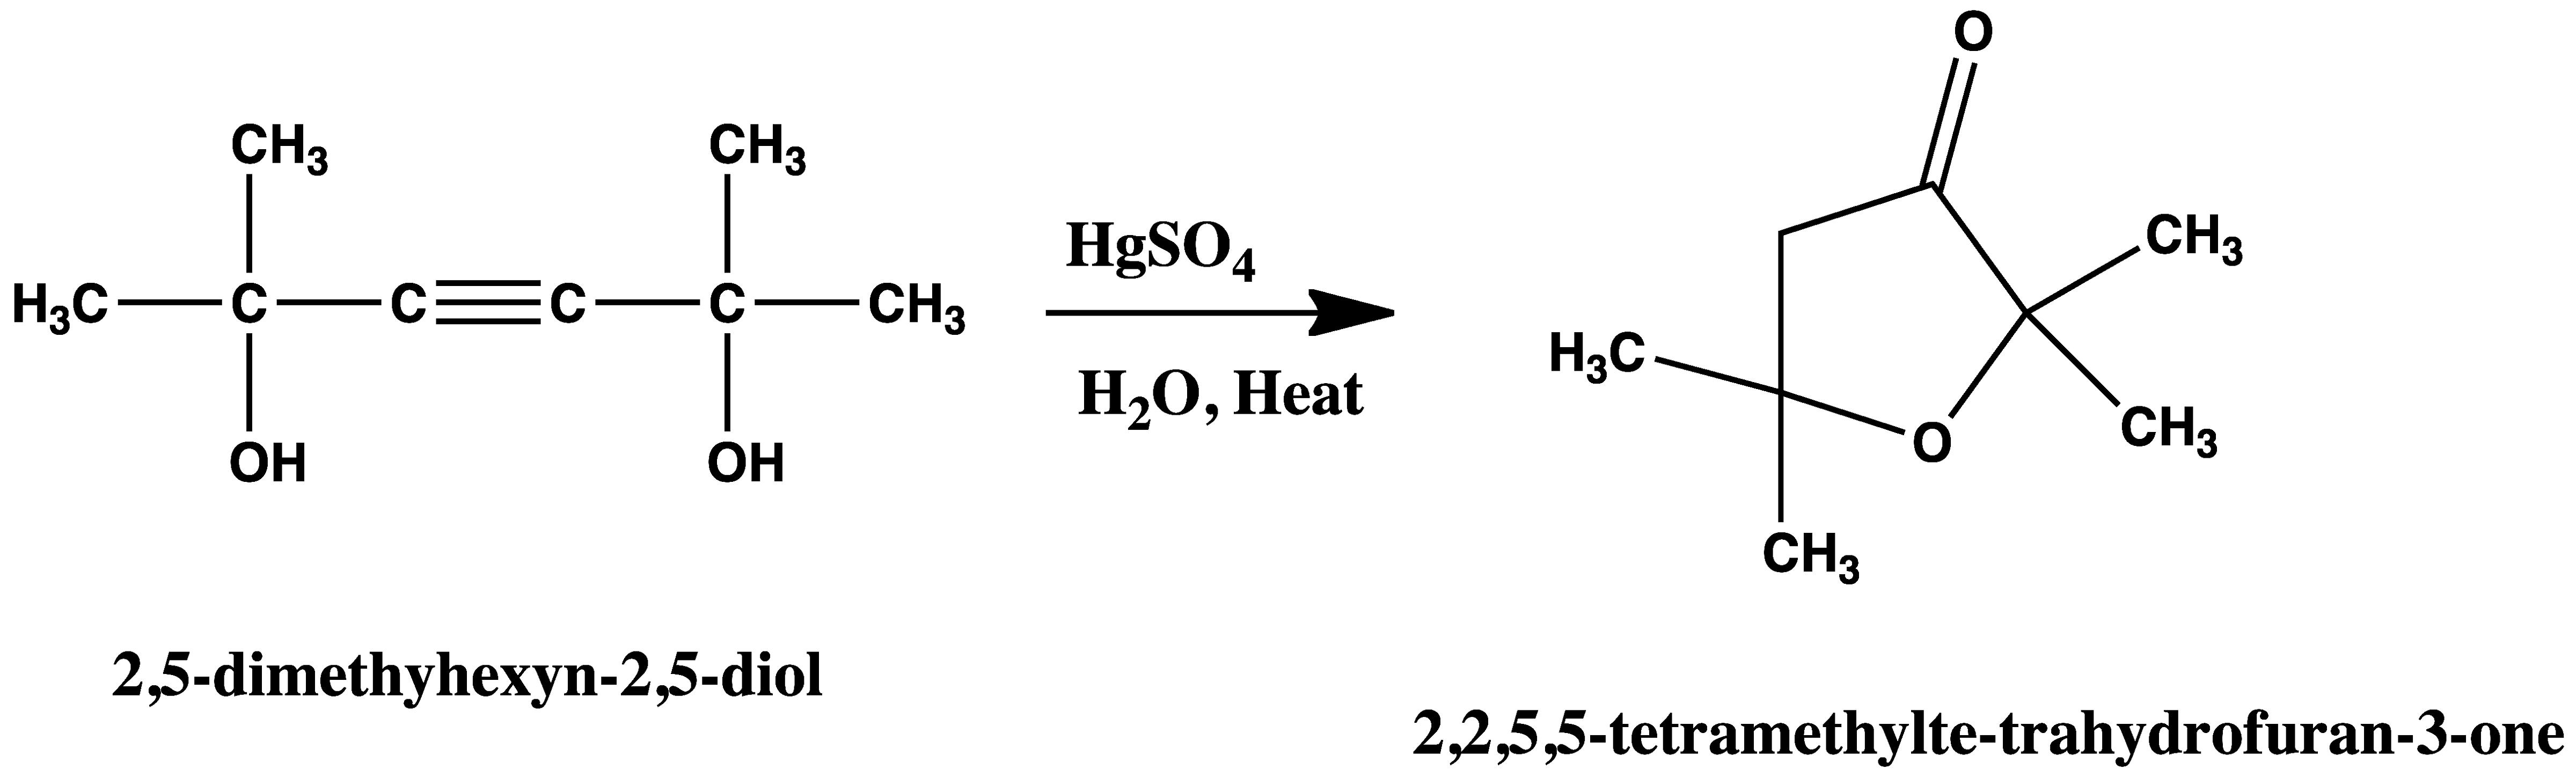 Lewis Diagram for C2H2